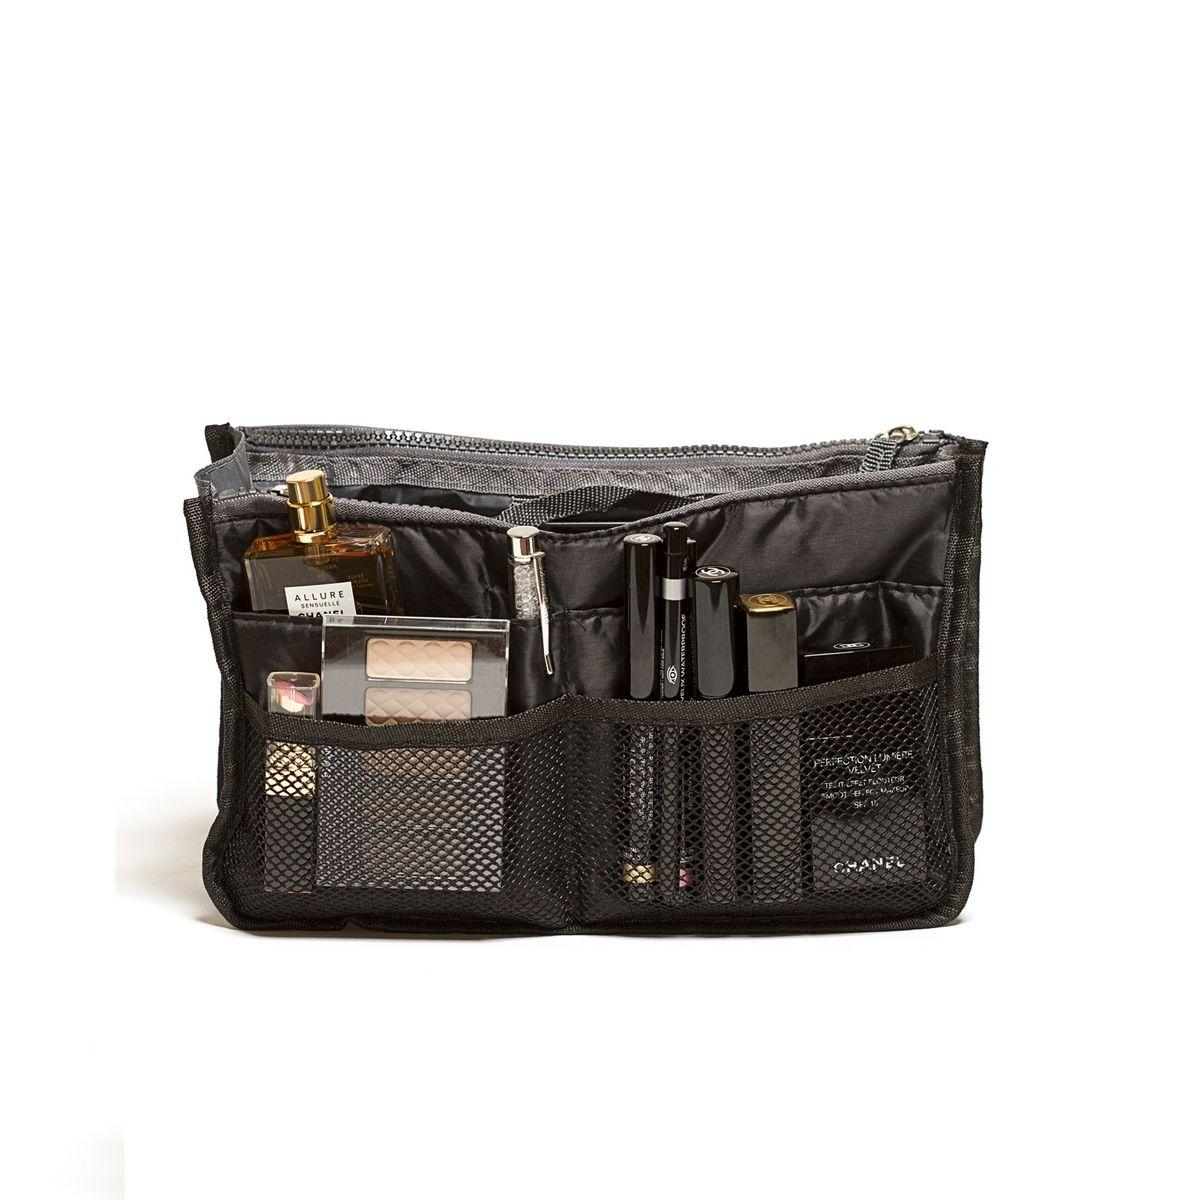 Органайзер для сумки Homsu, цвет: черный, 30 x 8,5 x 18,5 см4P-106-M4С_желтыйОрганайзер для сумки Homsu выполнен из полиэстера. Этот органайзер благодаря трем вместительным отделениям для вещей, четырем кармашкам по бокам и шести кармашкам в виде сетки обеспечит полный порядок в вашей сумке. Кроме того, изделие обладает интересным стилем, выполнено в сером цвете и оснащено двумя крепкими ручками, что позволяет применять его и вне сумки, как отдельный аксессуар.